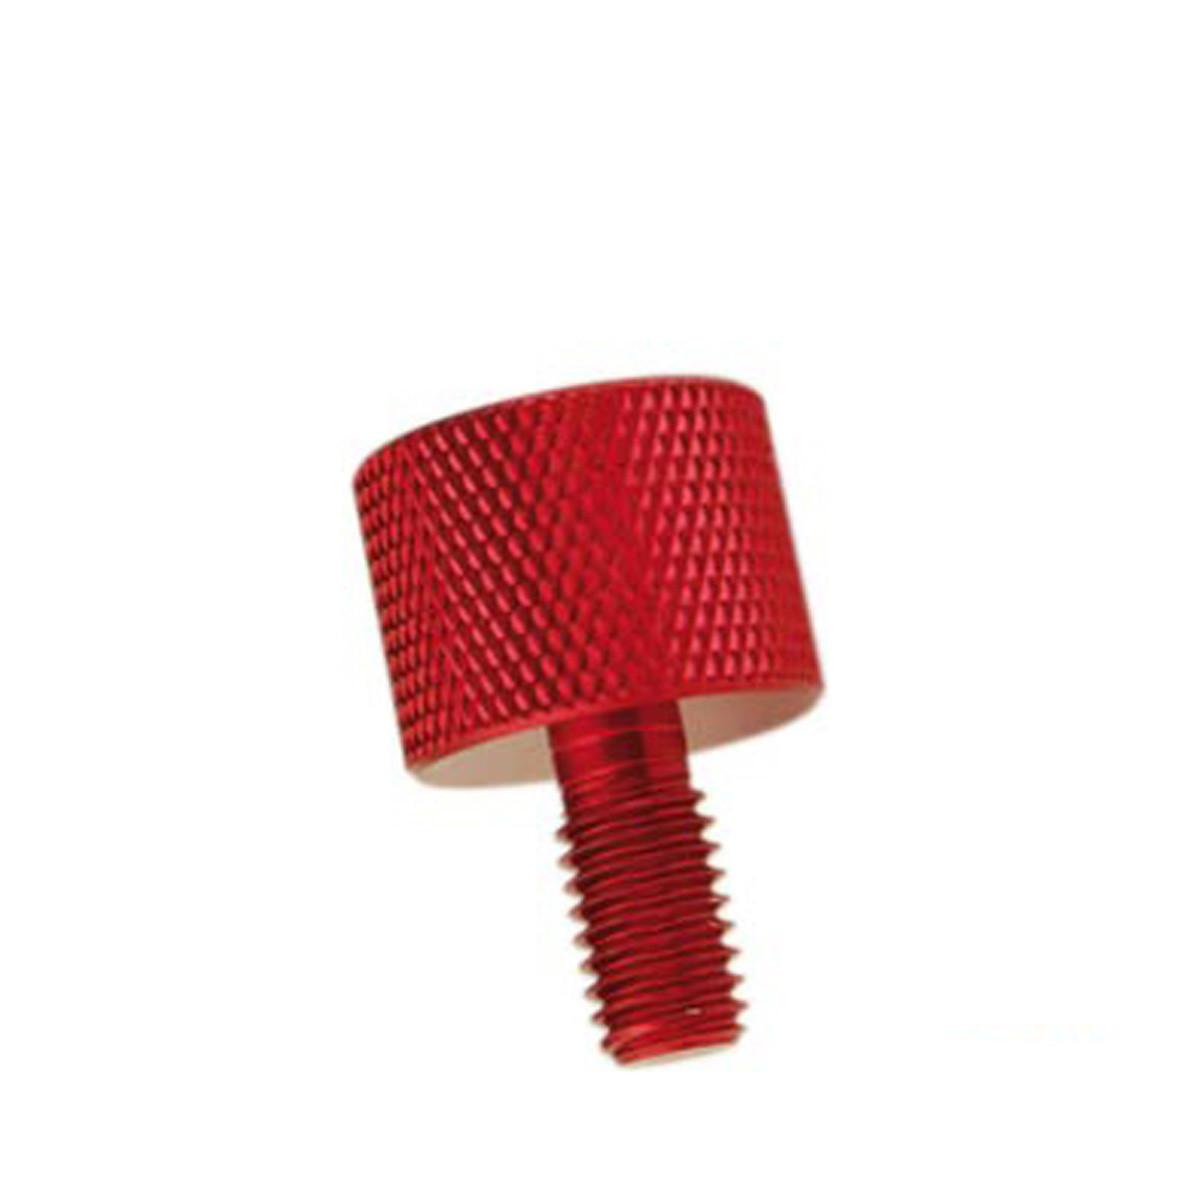 Bouchon Huile PEUGEOT - Rouge